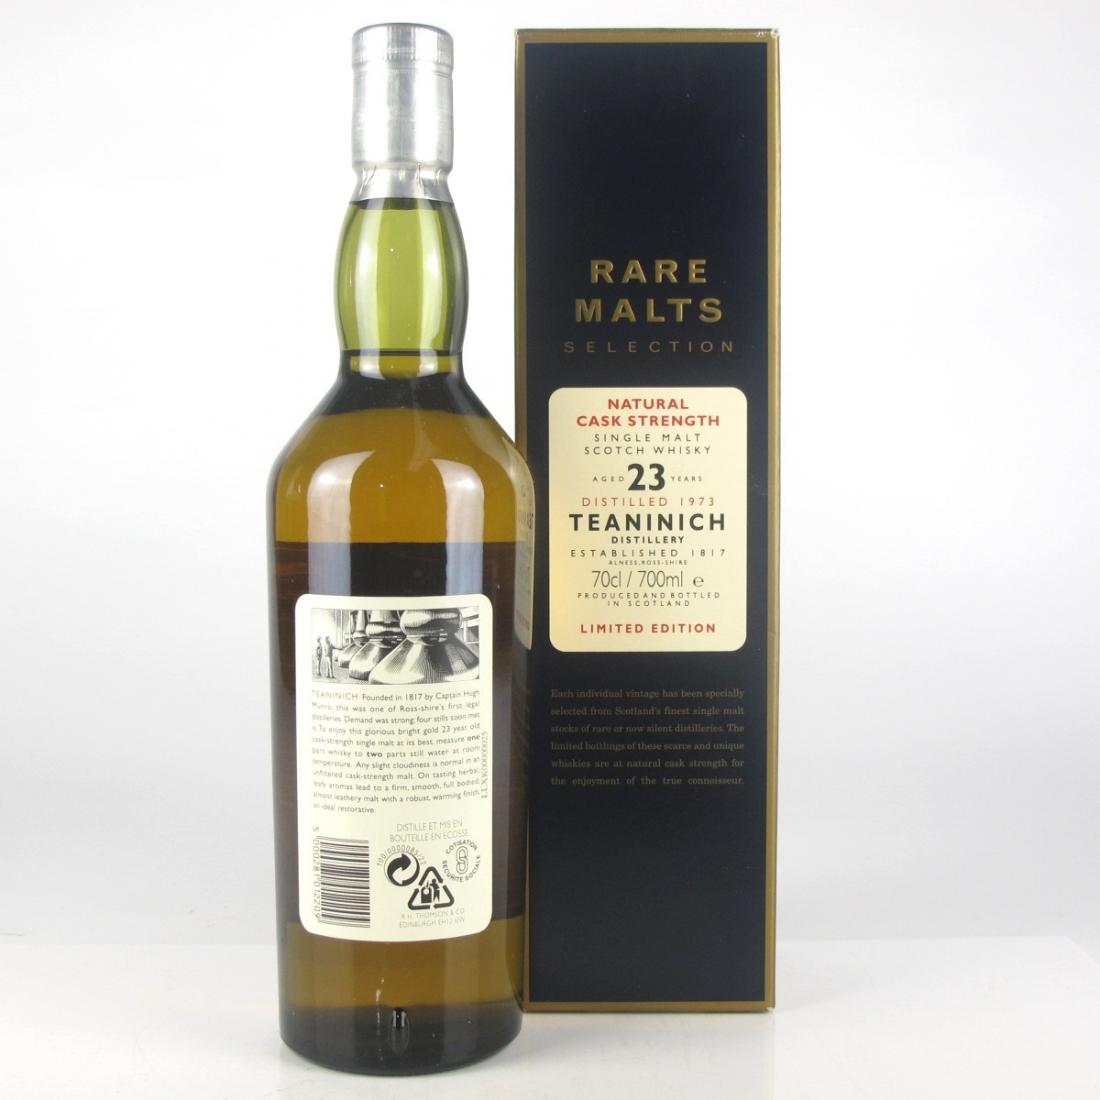 Teaninich 1973 Rare Malt 23 Year Old / 57.1%